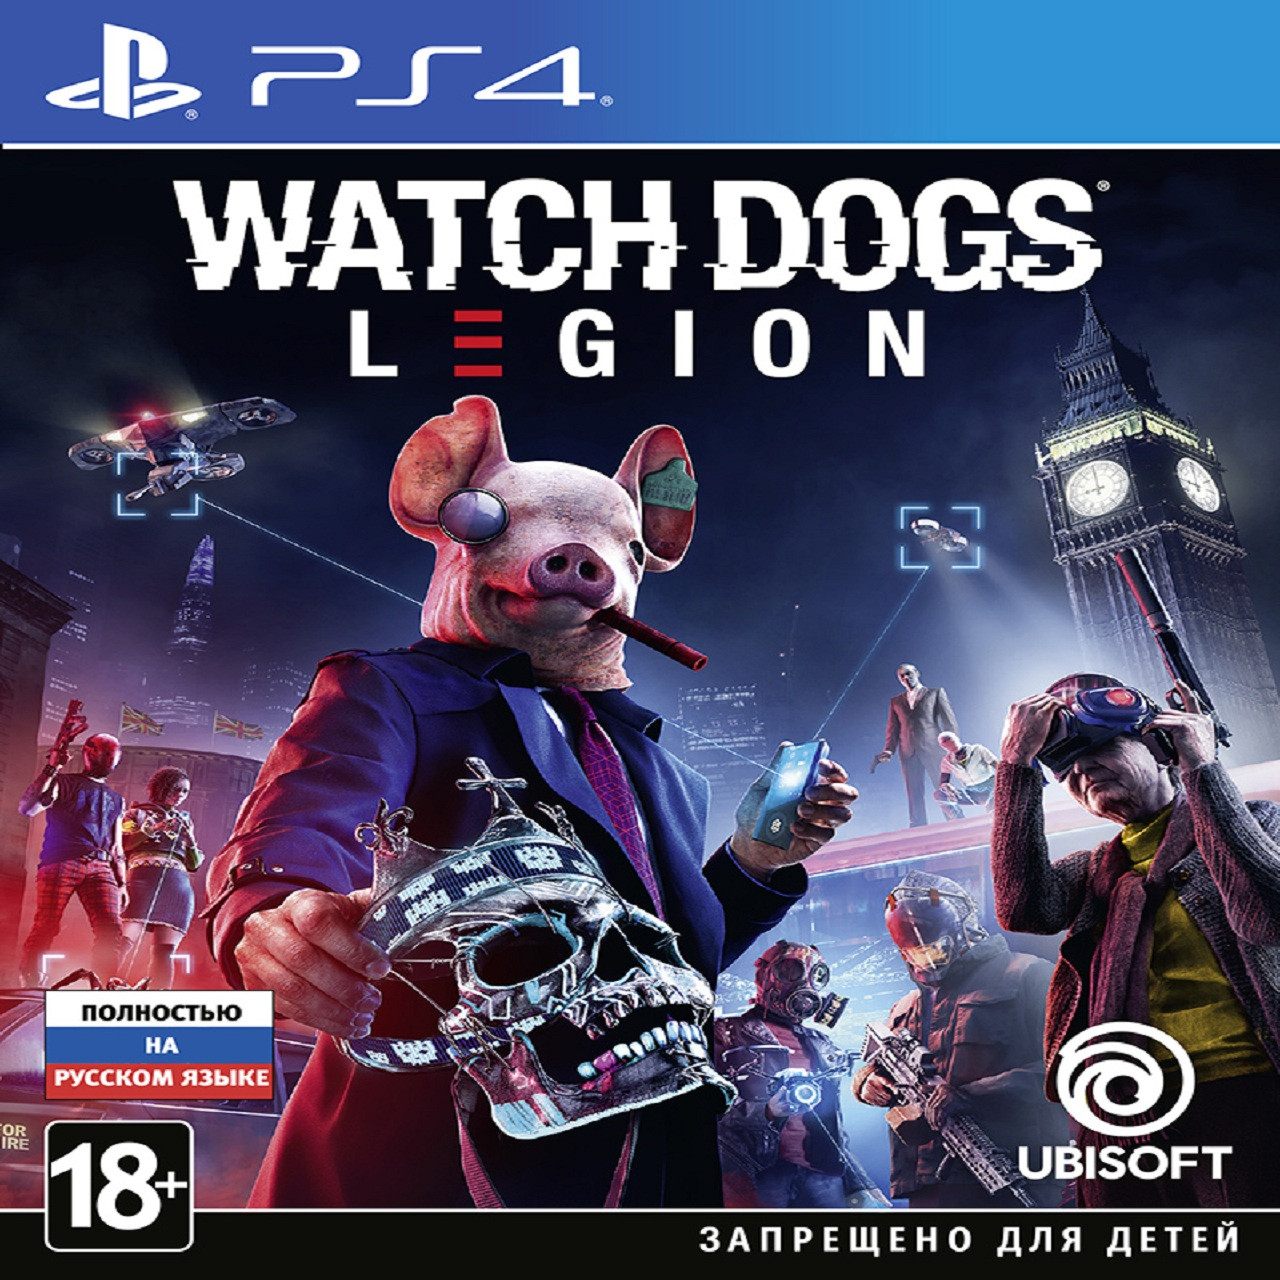 Оригінальний Watch Dogs: Legion RUS PS4 від відповідальної